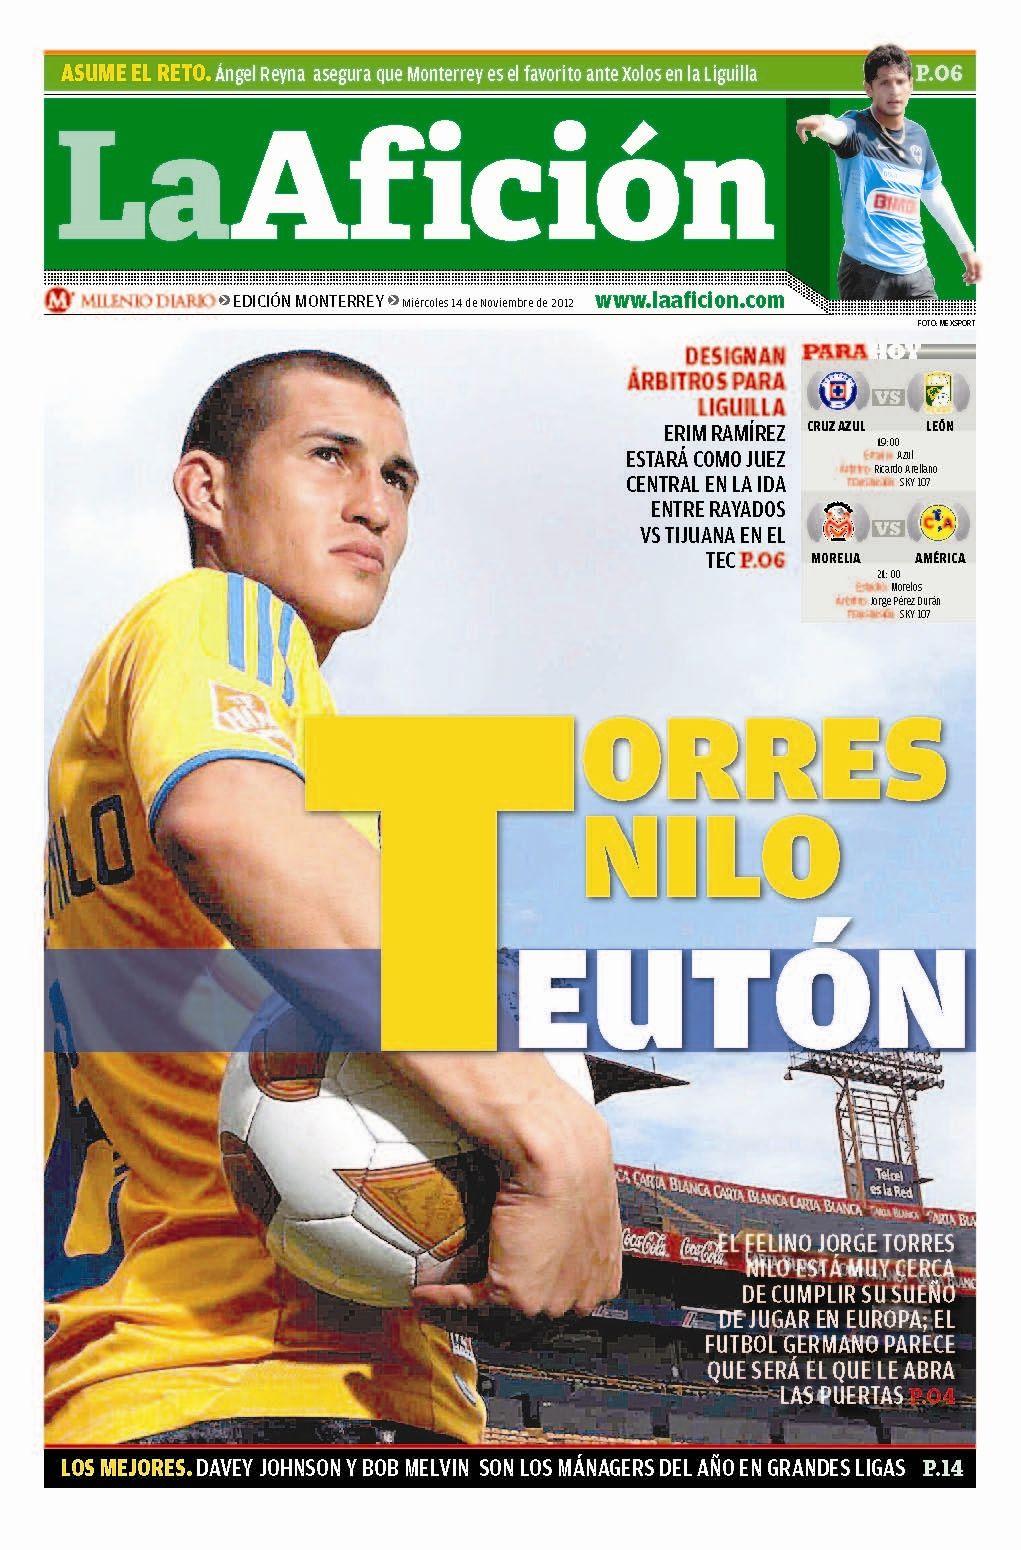 Jorge Torres Nilo estaría muy cerca de cerrar su traspaso al futbol alemán...